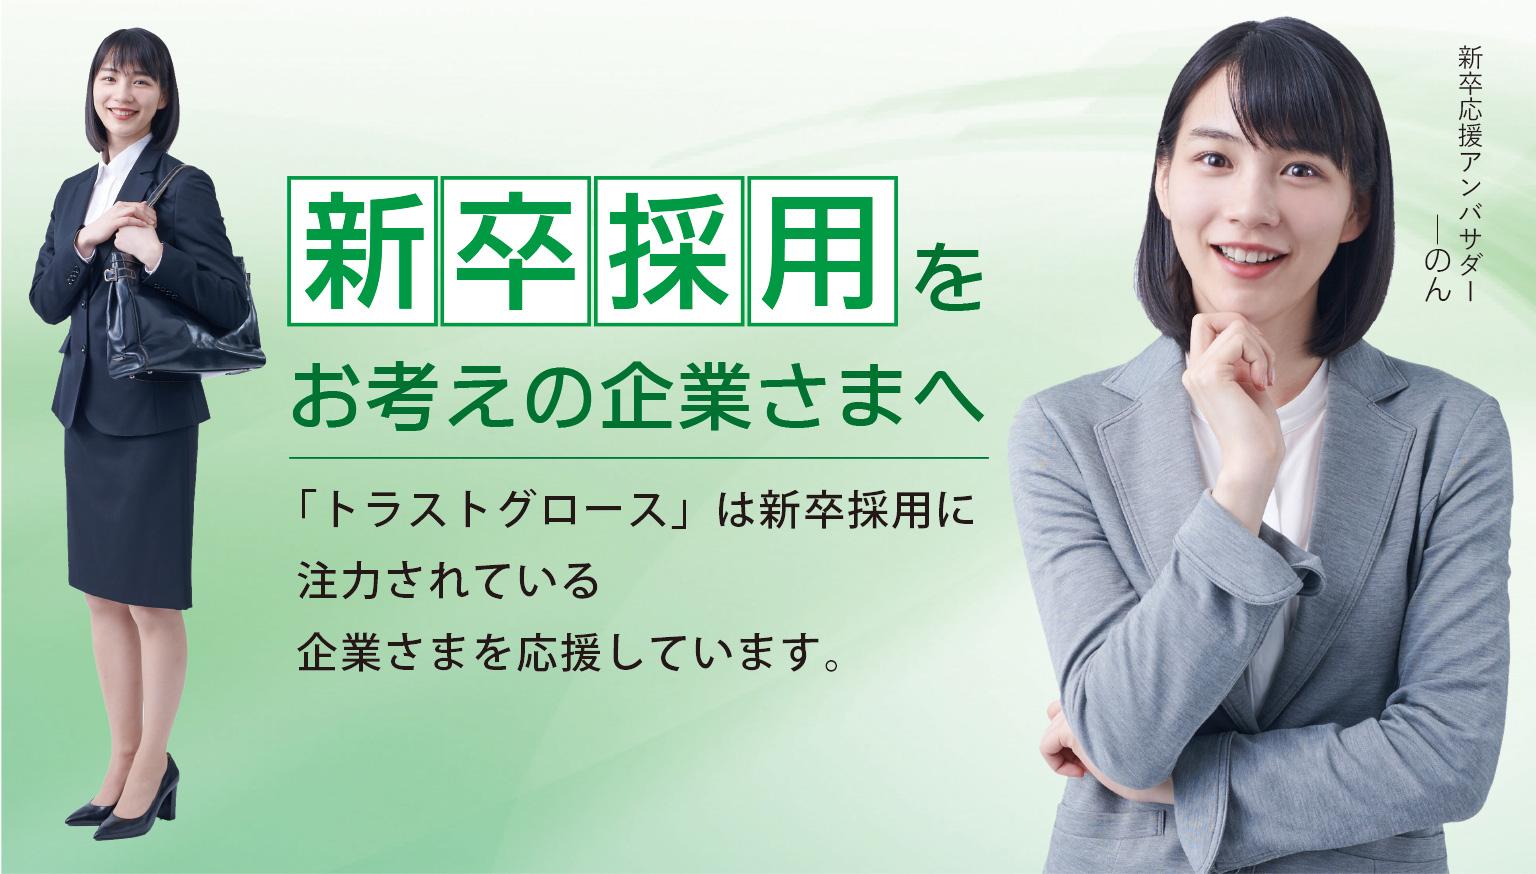 新卒採用企業向けトップTB